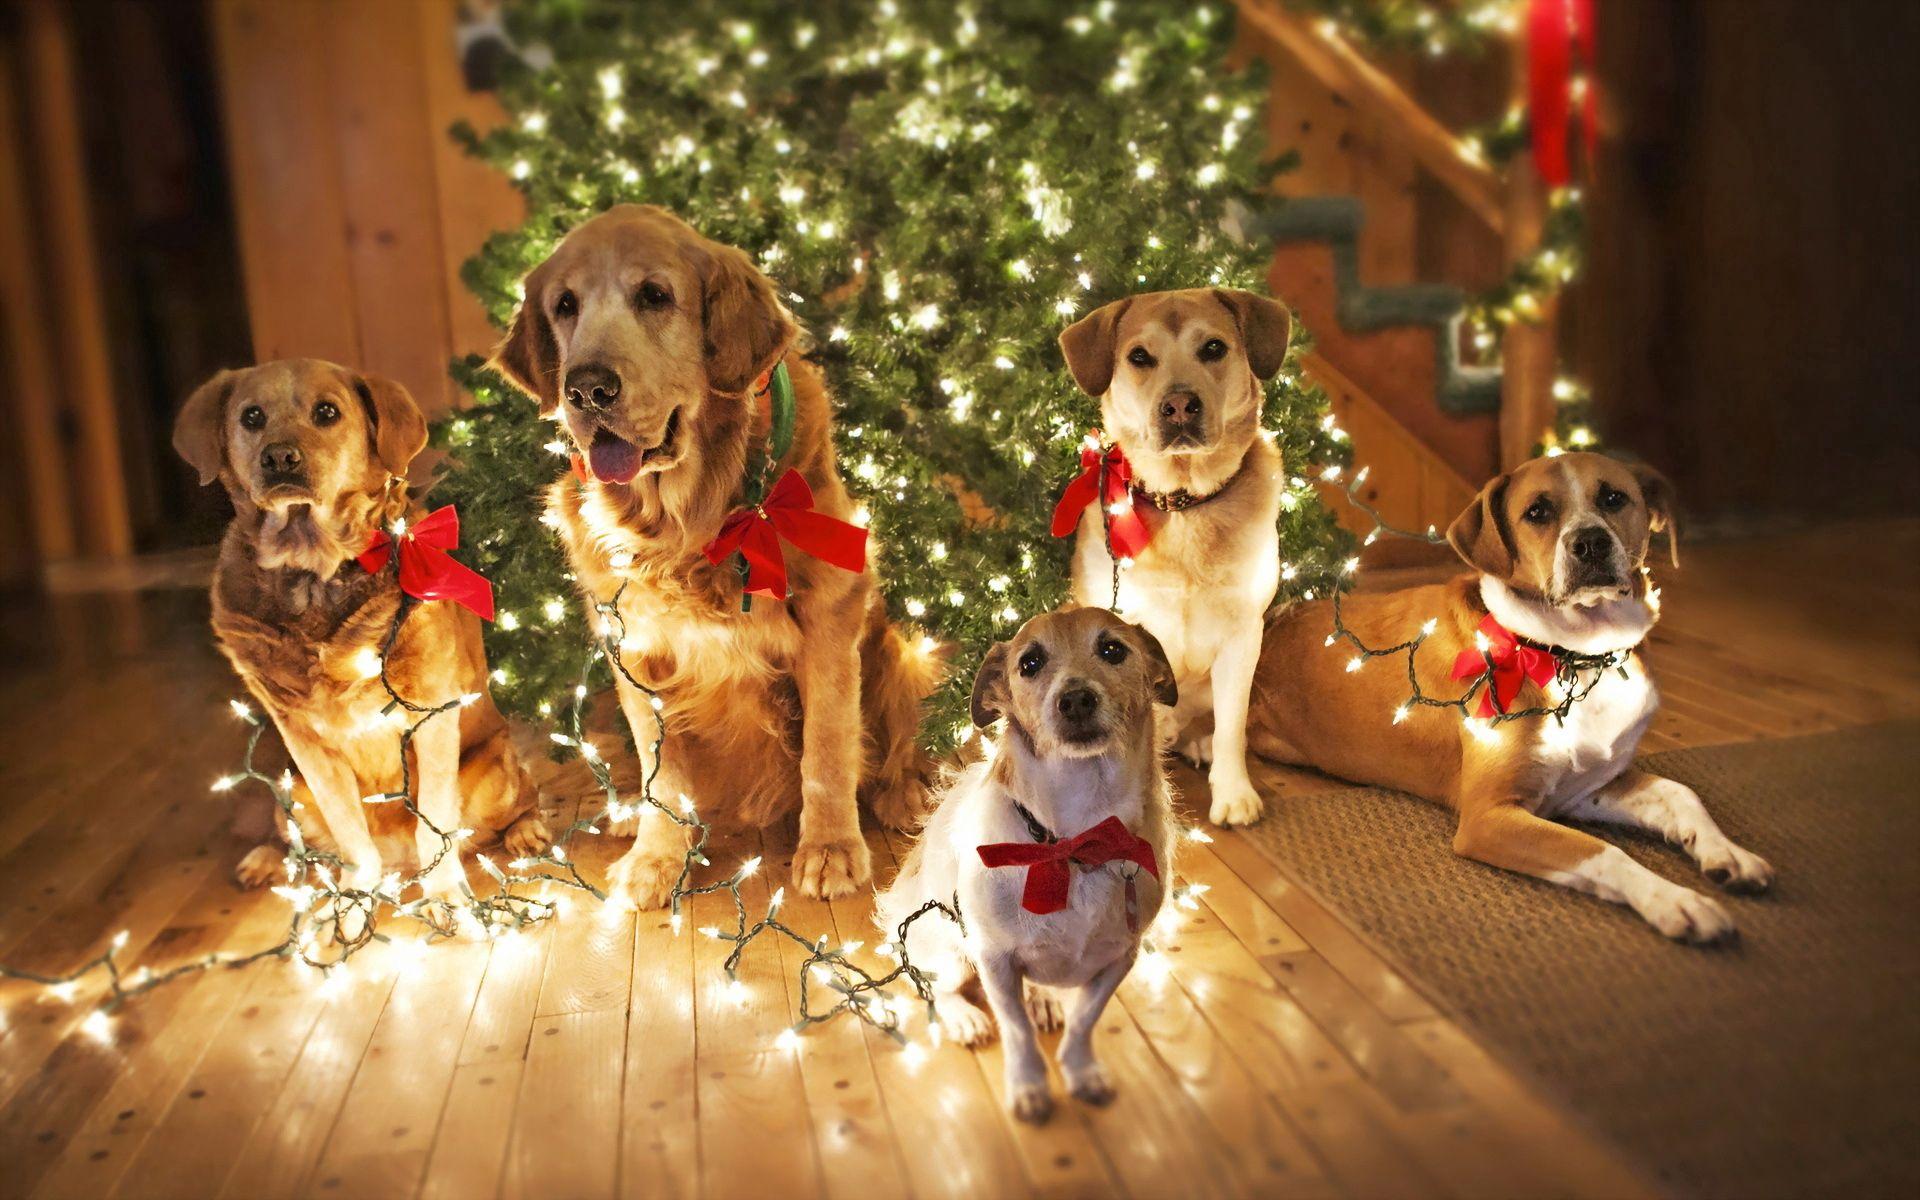 Скачать картинку Собаки, Животные, Праздник, Ёлка в телефон бесплатно.